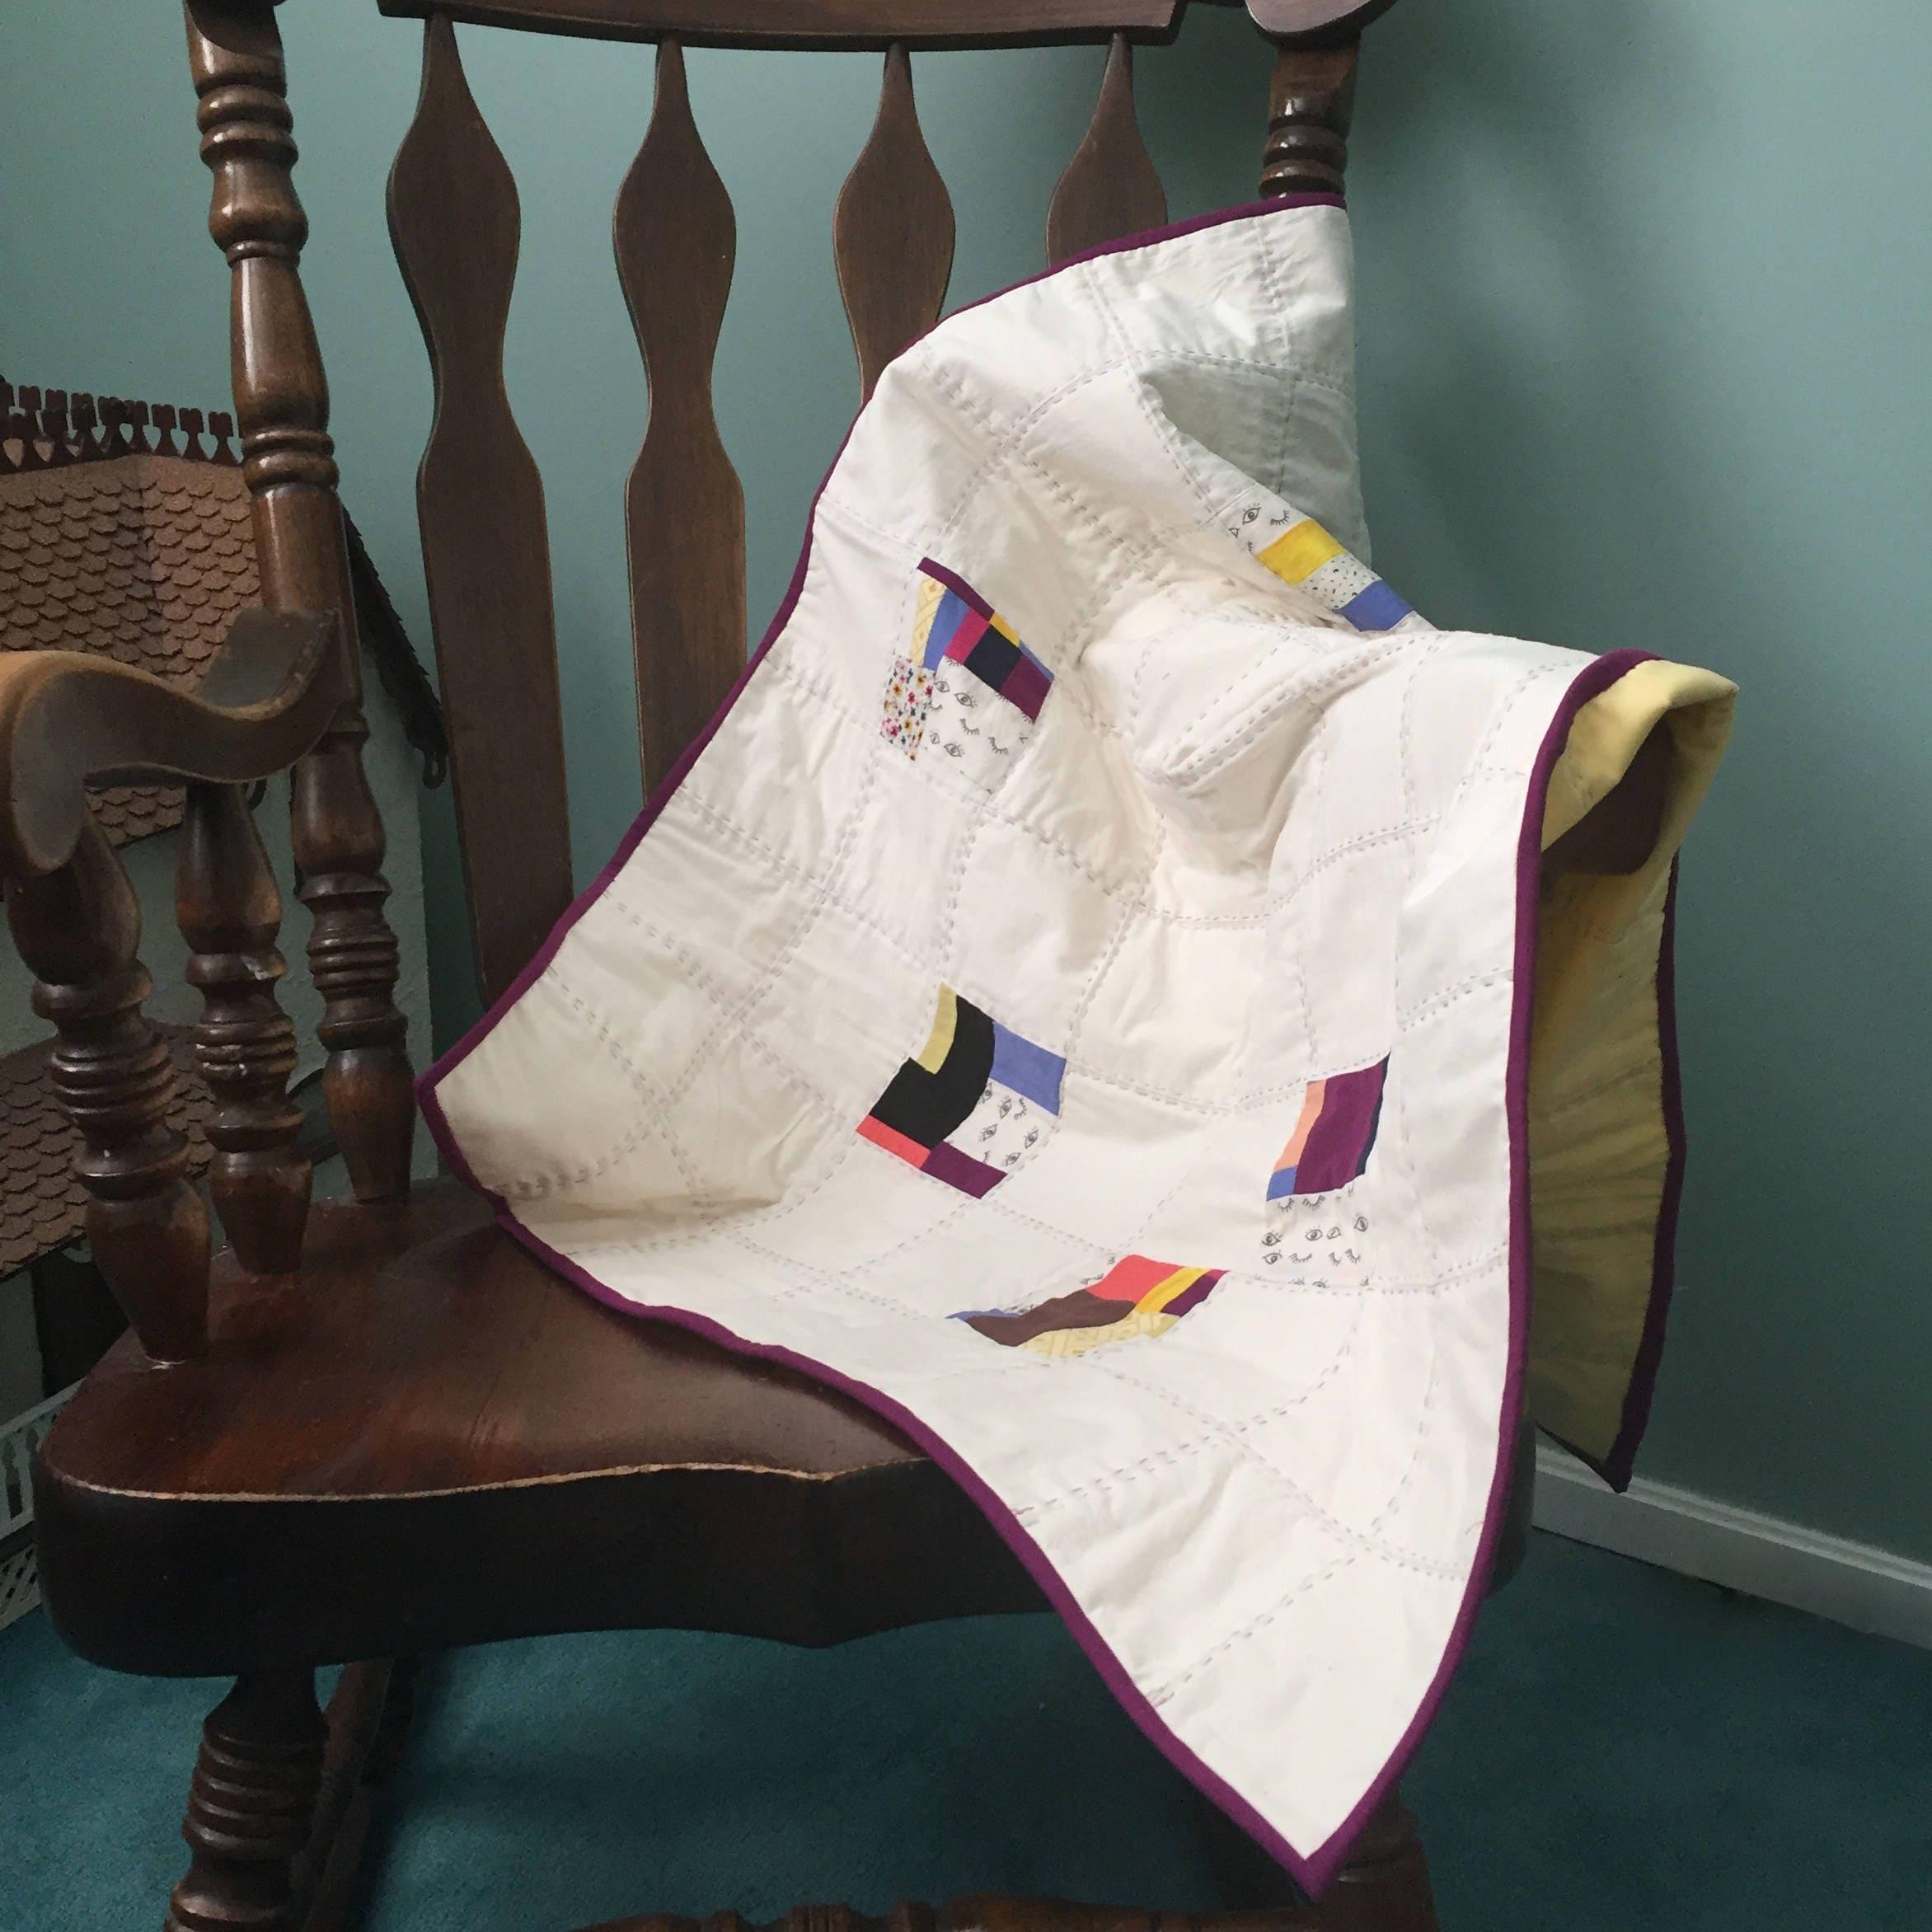 Baby Quilt Gender Neutral Patchwork Minimal Design With Hand